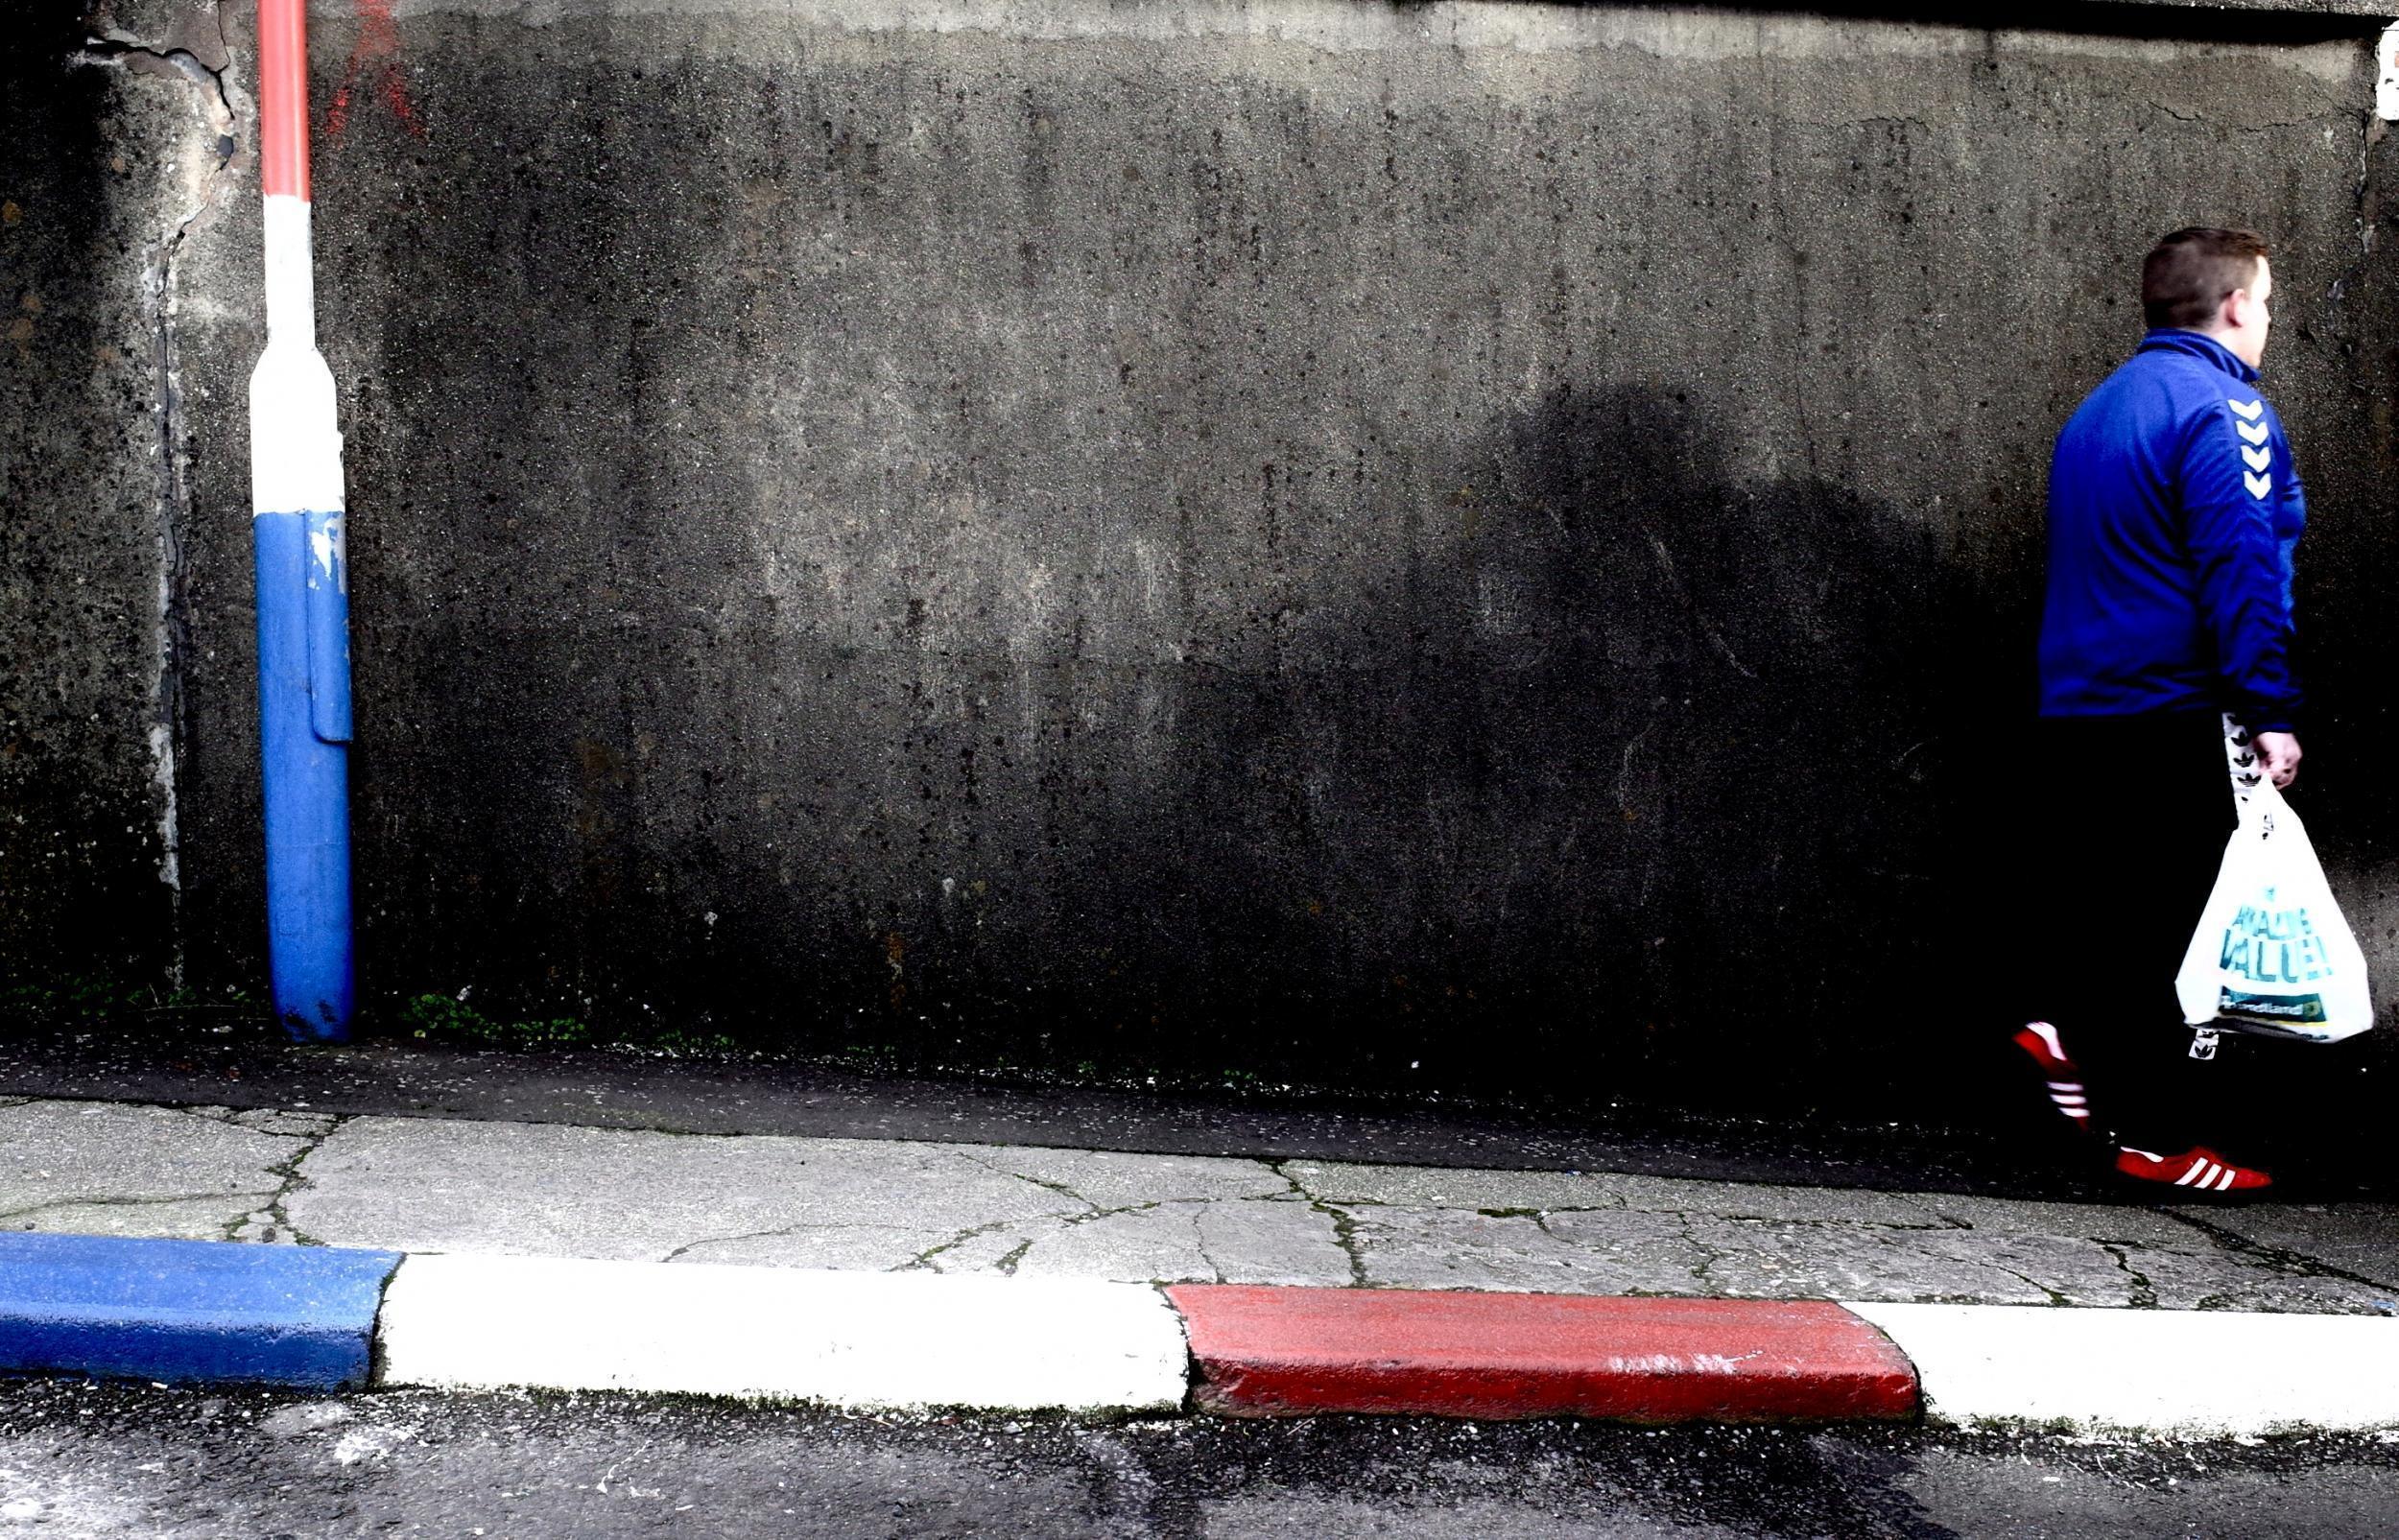 Derry, Londonderry: A Fountain negyed falfestményei, ahol a szegélyek és a lámpaoszlopokat a brit lobogó piros-fehér-kékjére színezték. Egy arra sétáló fiú az ugyanilyen színű ruhájával beleolvad a környezetbe. (Richard Morgan / The Independent)